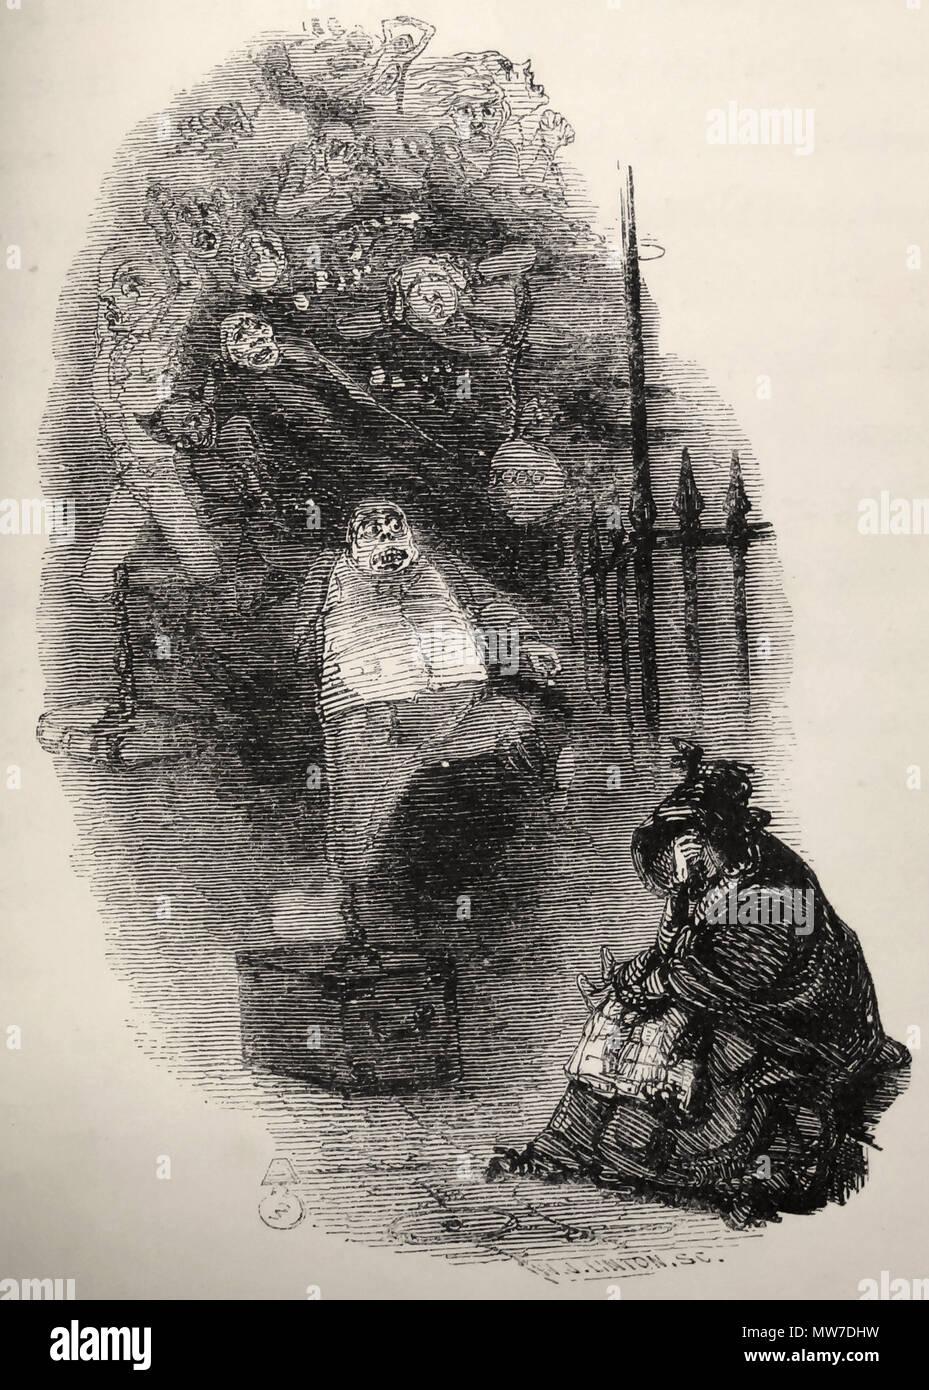 John Leech Illustrateur Anglais Le Vieux Fantome N A Pas Ete En Mesure D Aider La Femme Miserable Art Par John Leech Pour Un Chant De Noel De Charles Dickens 1843 Photo